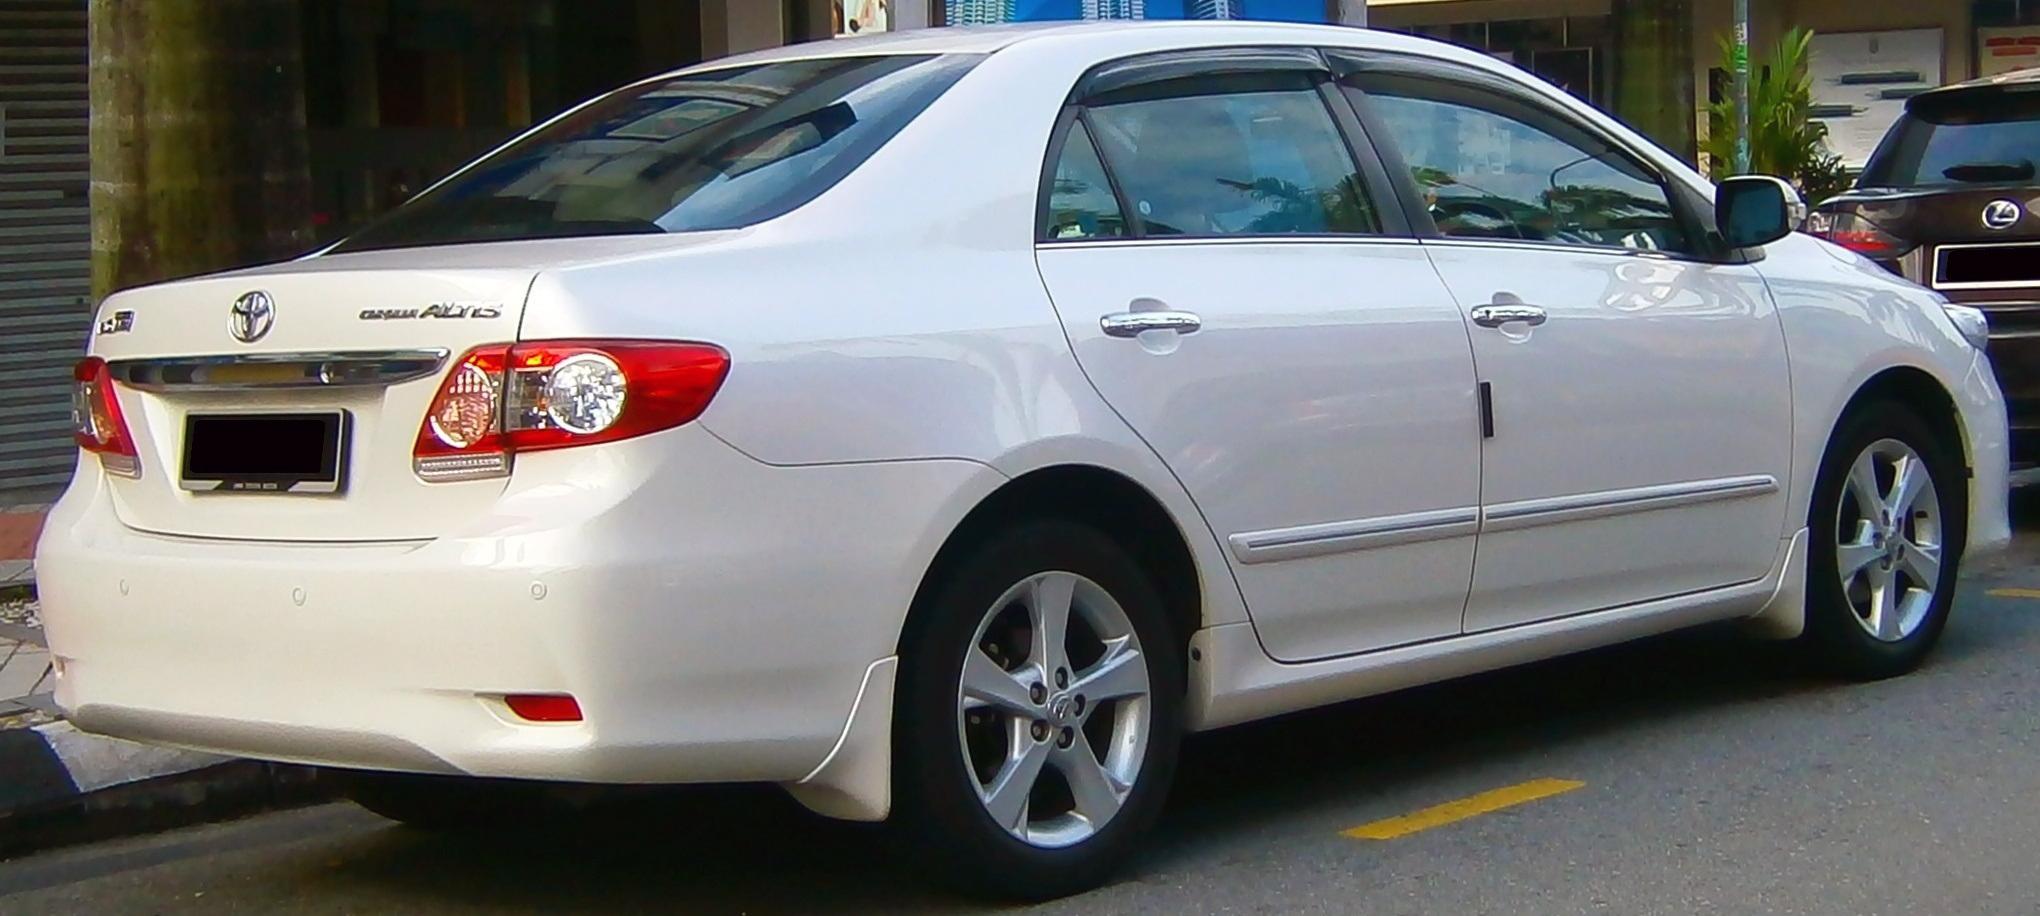 Toyota Corolla Altis 2013 White